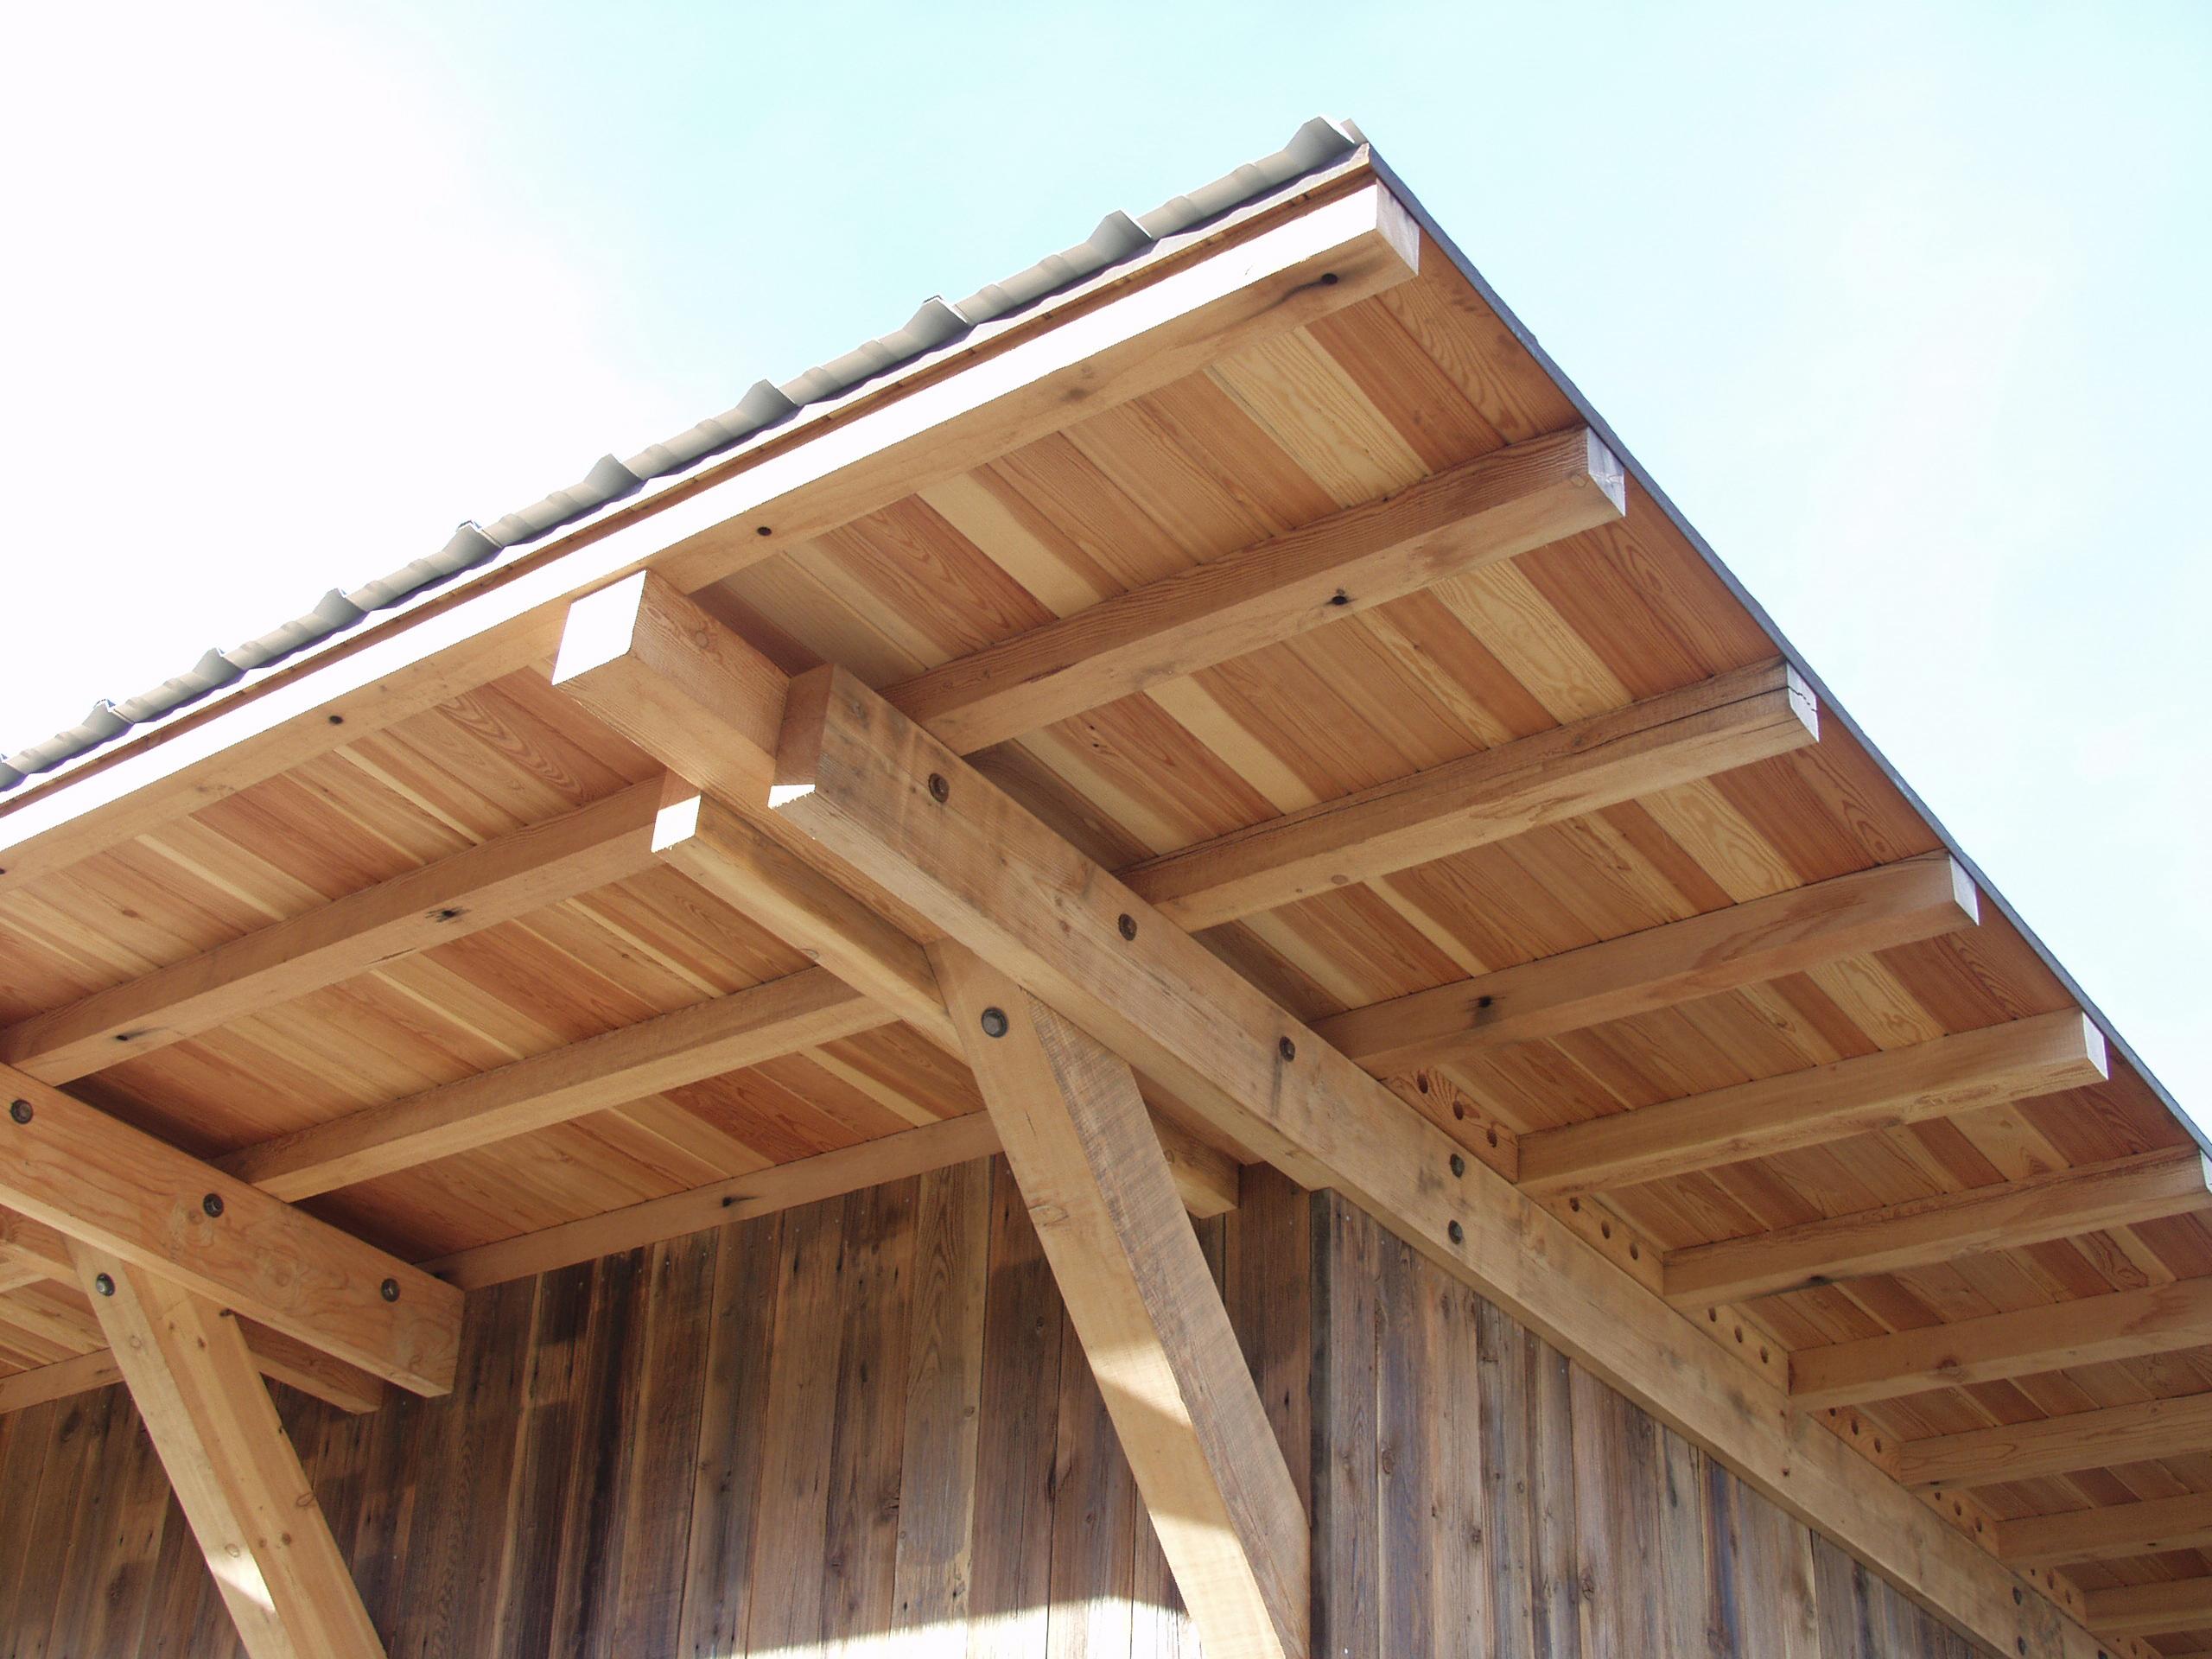 Soffit Douglas Fir Bear Creek Lumber